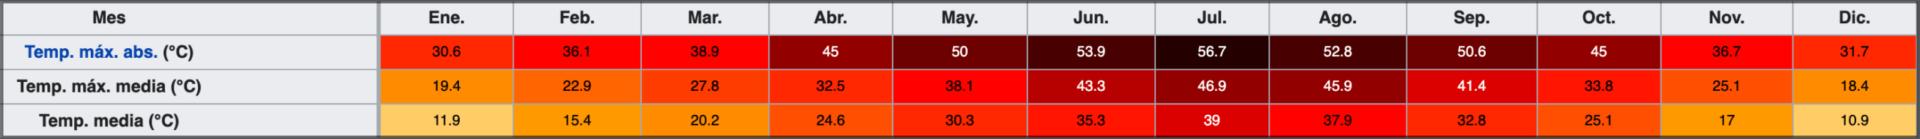 temperatura death valley